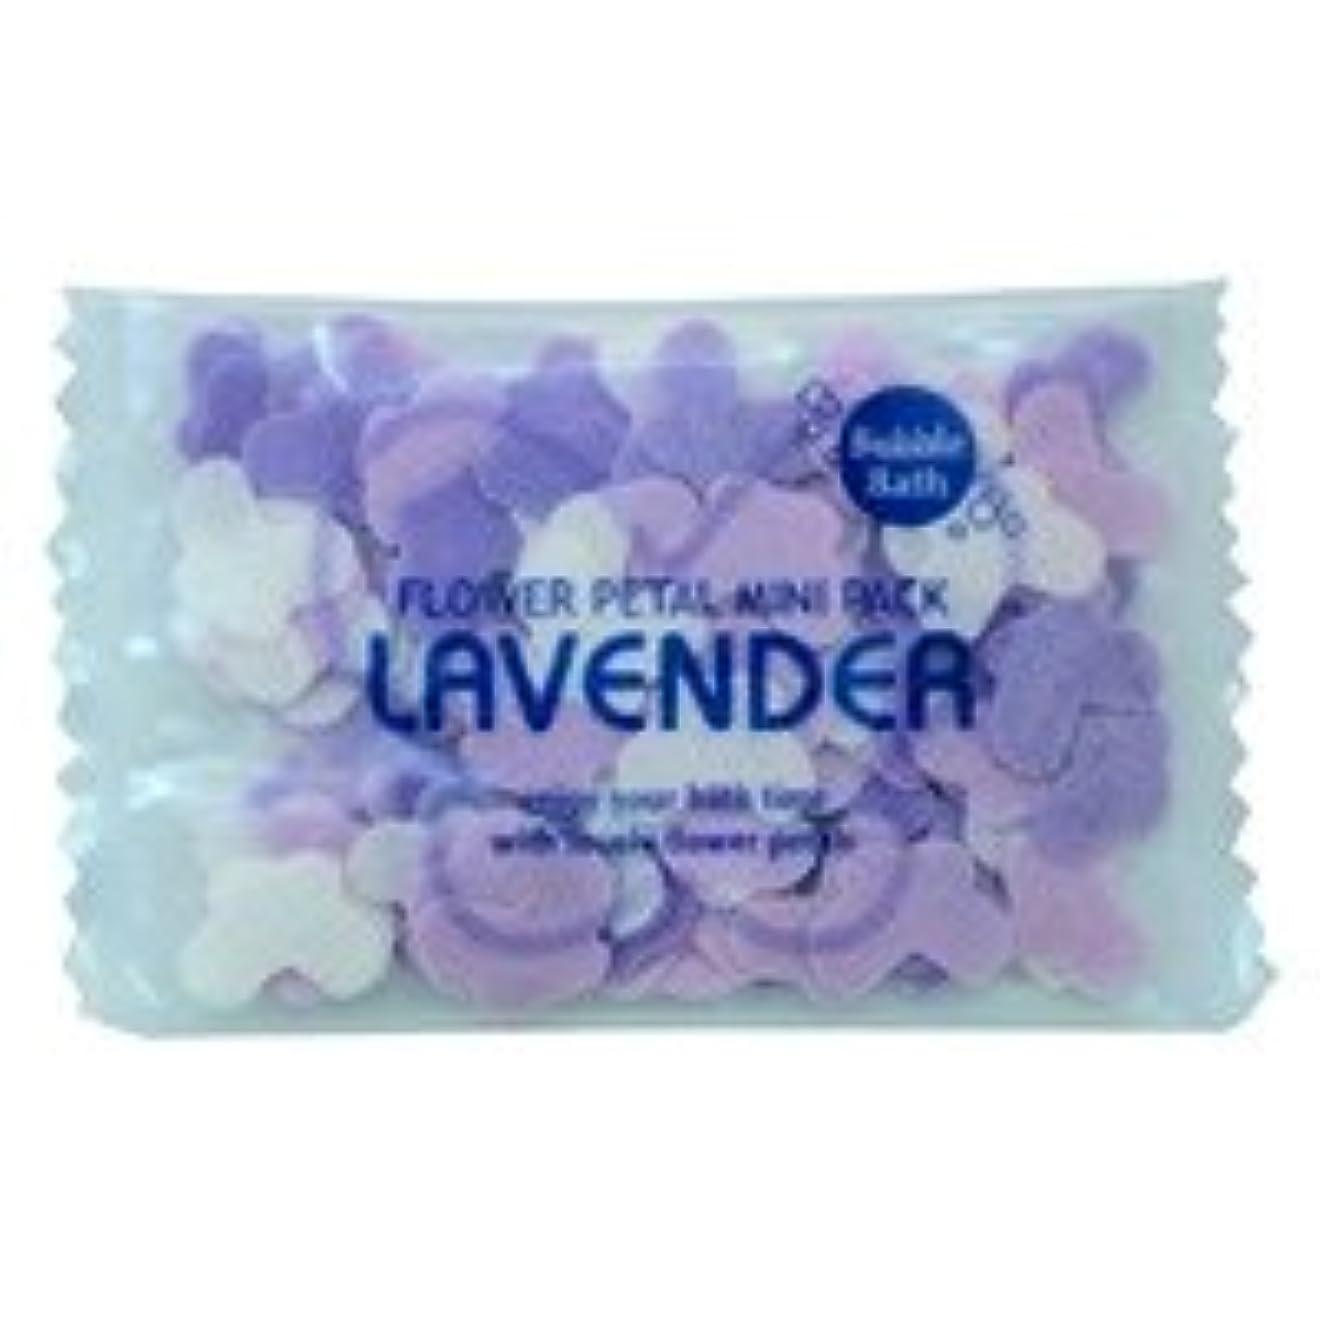 飾り羽資本面フラワーペタル バブルバス ミニパック「ラベンダー」20個セット ゆったりリラックスしたい日に心を癒してくれるやさしいラベンダーの香り